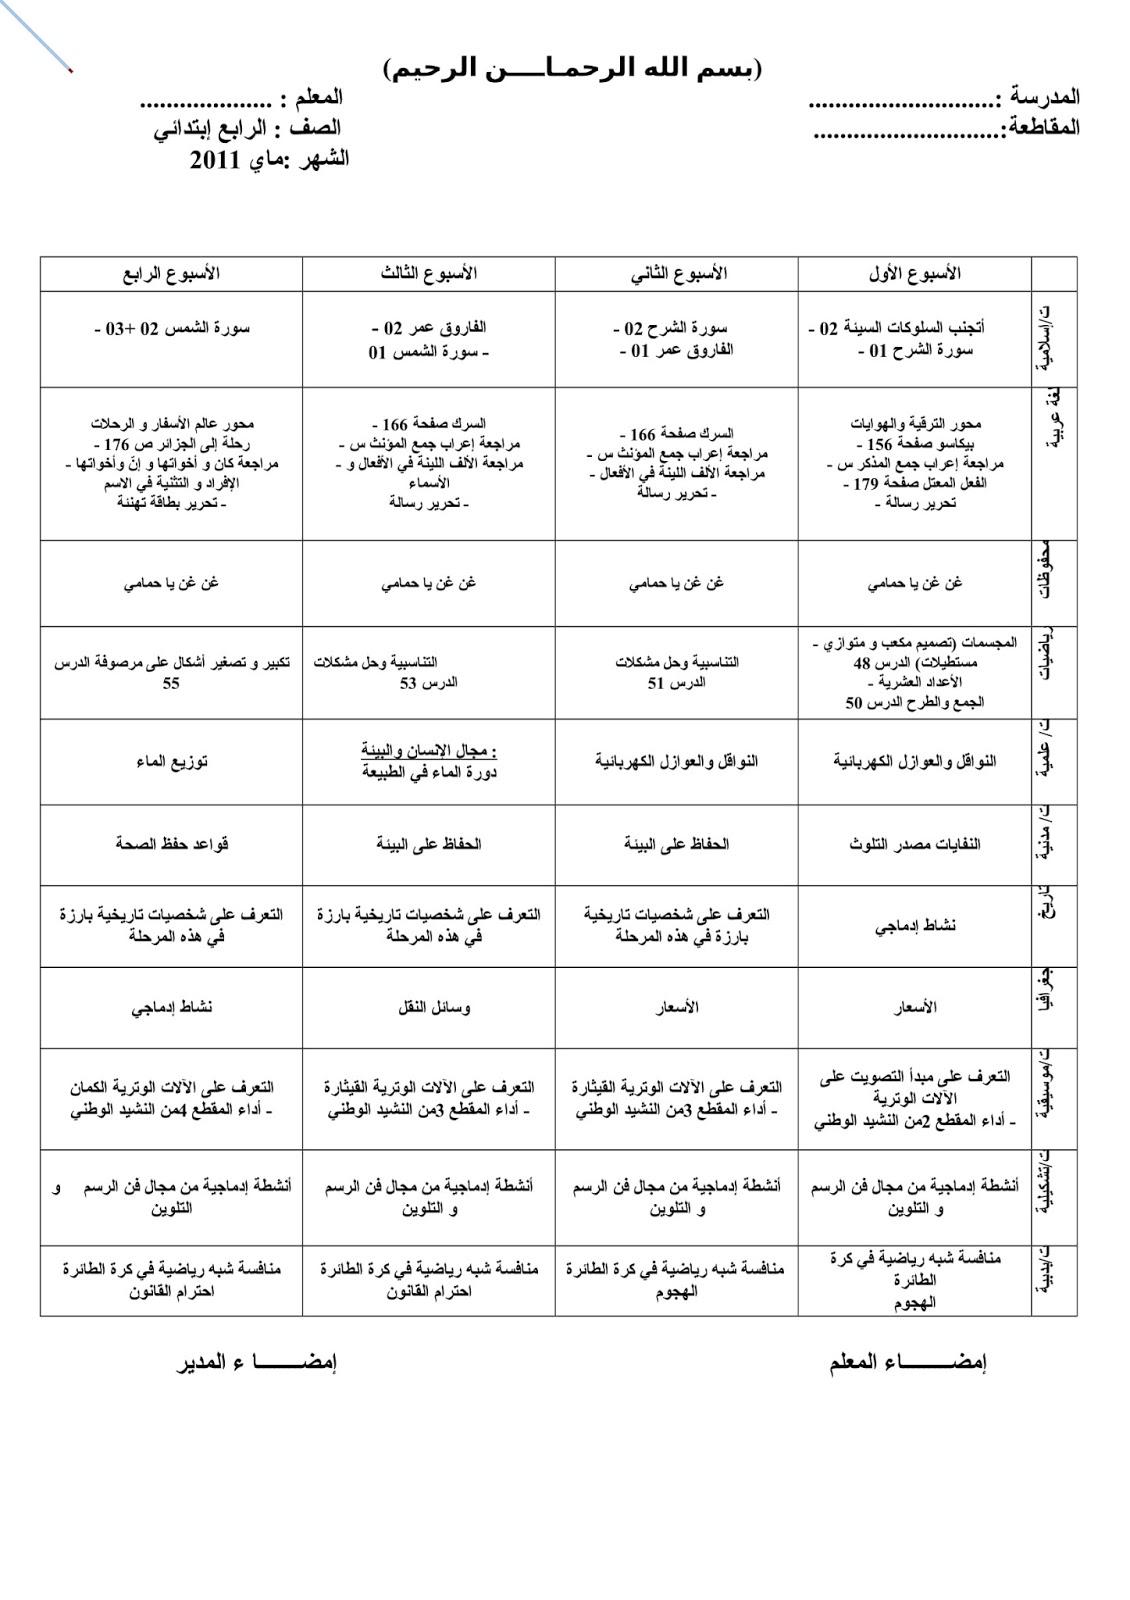 التوزيع الشهري لشهر ماي السنة الرابعة ابتدائي الجيل الثاني